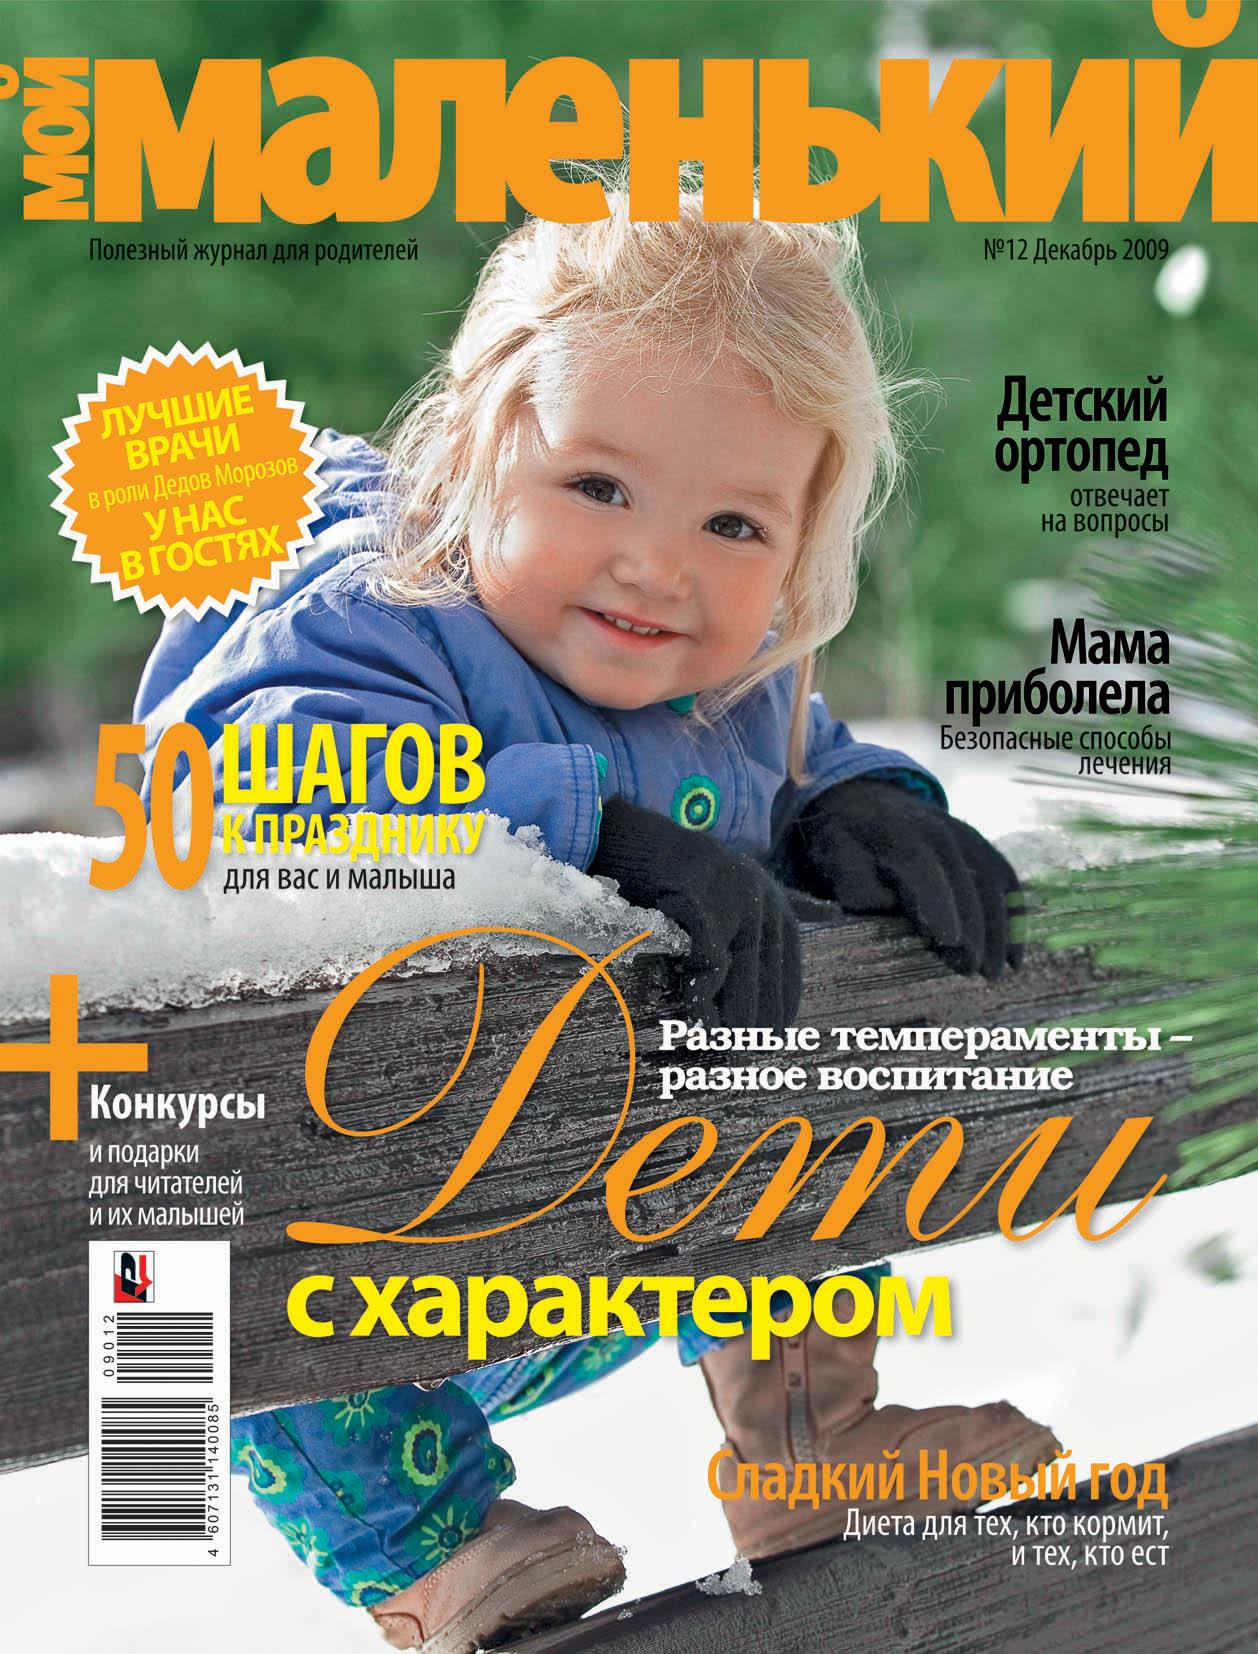 Журнал 'Мой маленький' . Конкурс на лучшую новогоднюю обложку — 2010